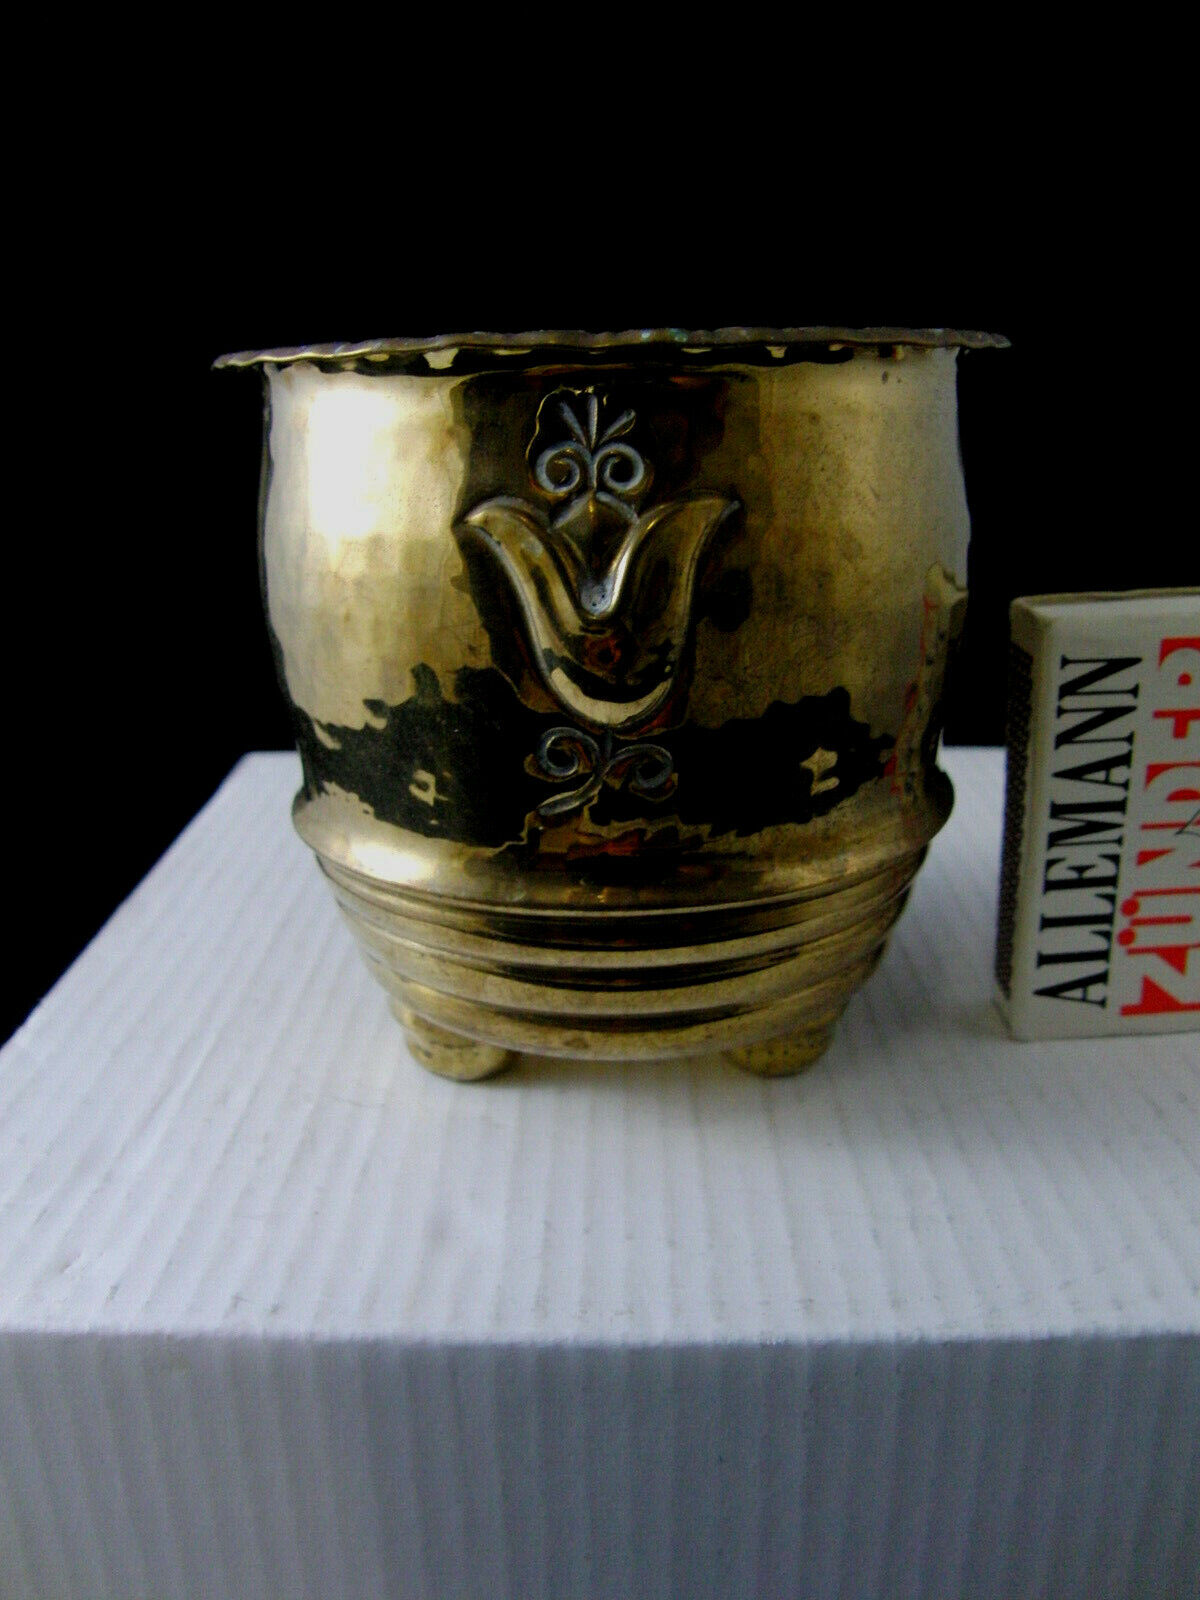 Kleiner Cachepot Art Deco Messing Brass NMK 218 Neue Münchner Kunst um 1925 TOPP